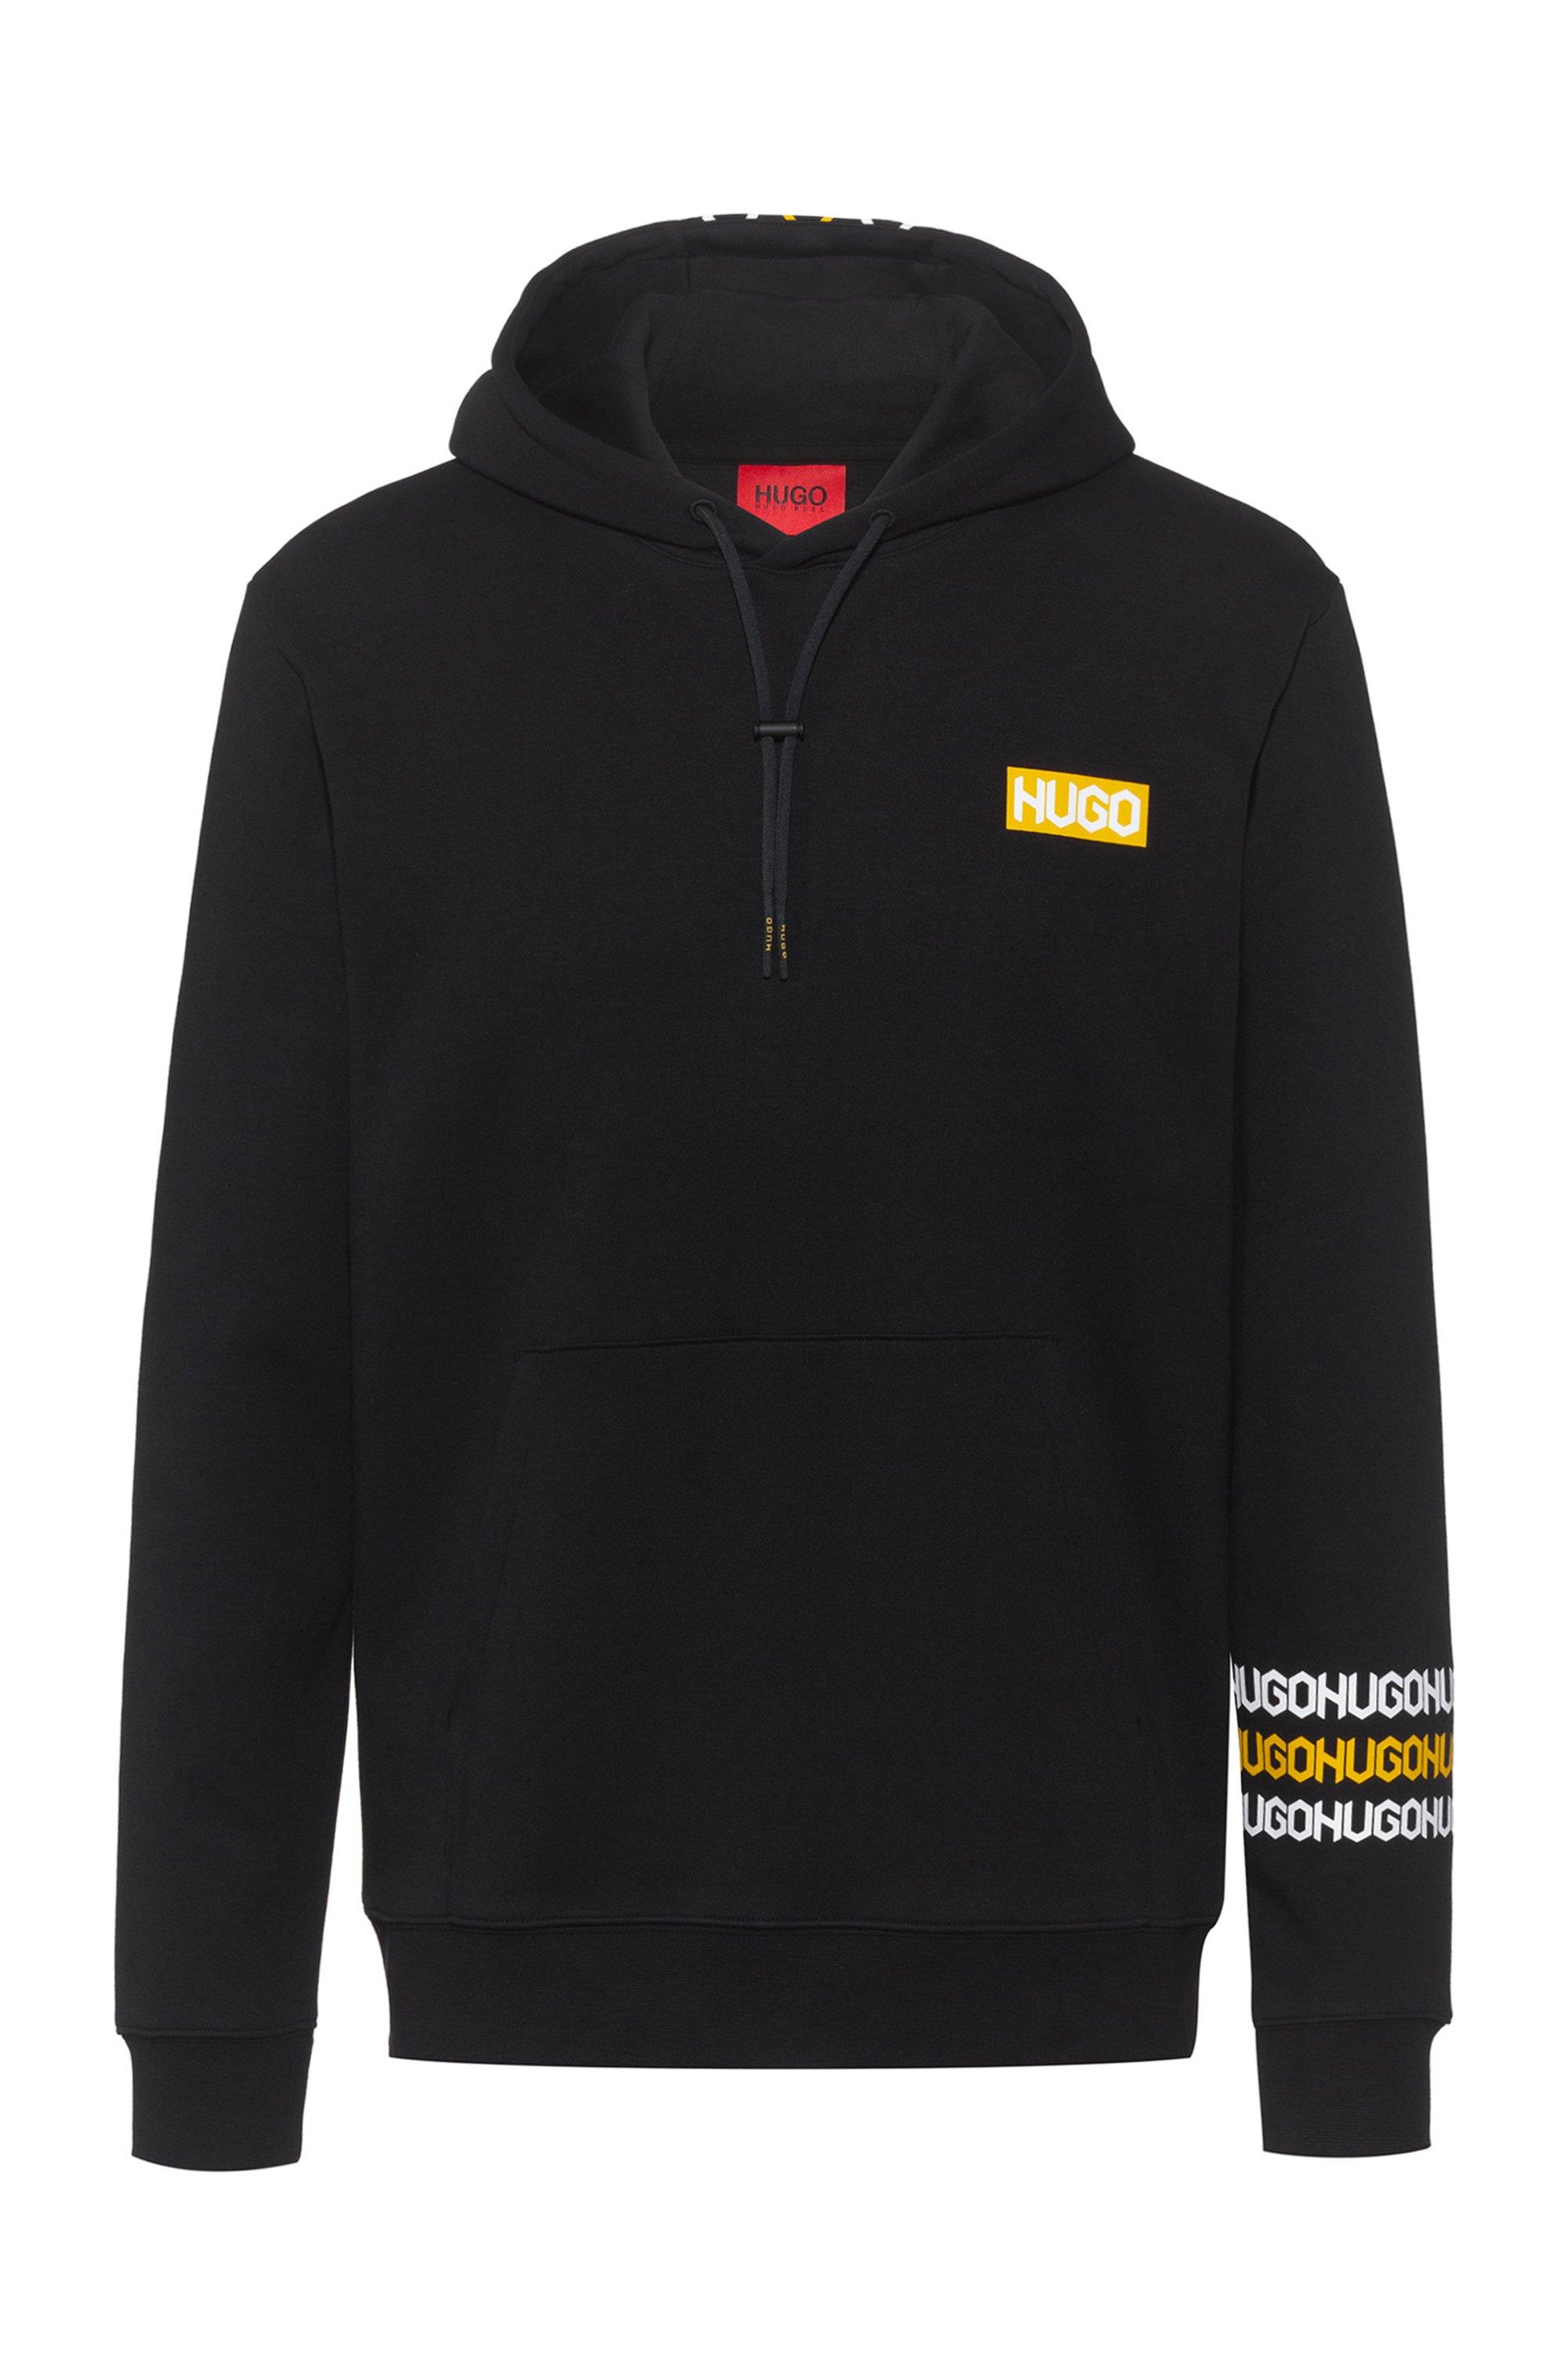 Sweater met capuchon van katoenen sweatstof met logoprints in bandafdruk-stijl, Zwart